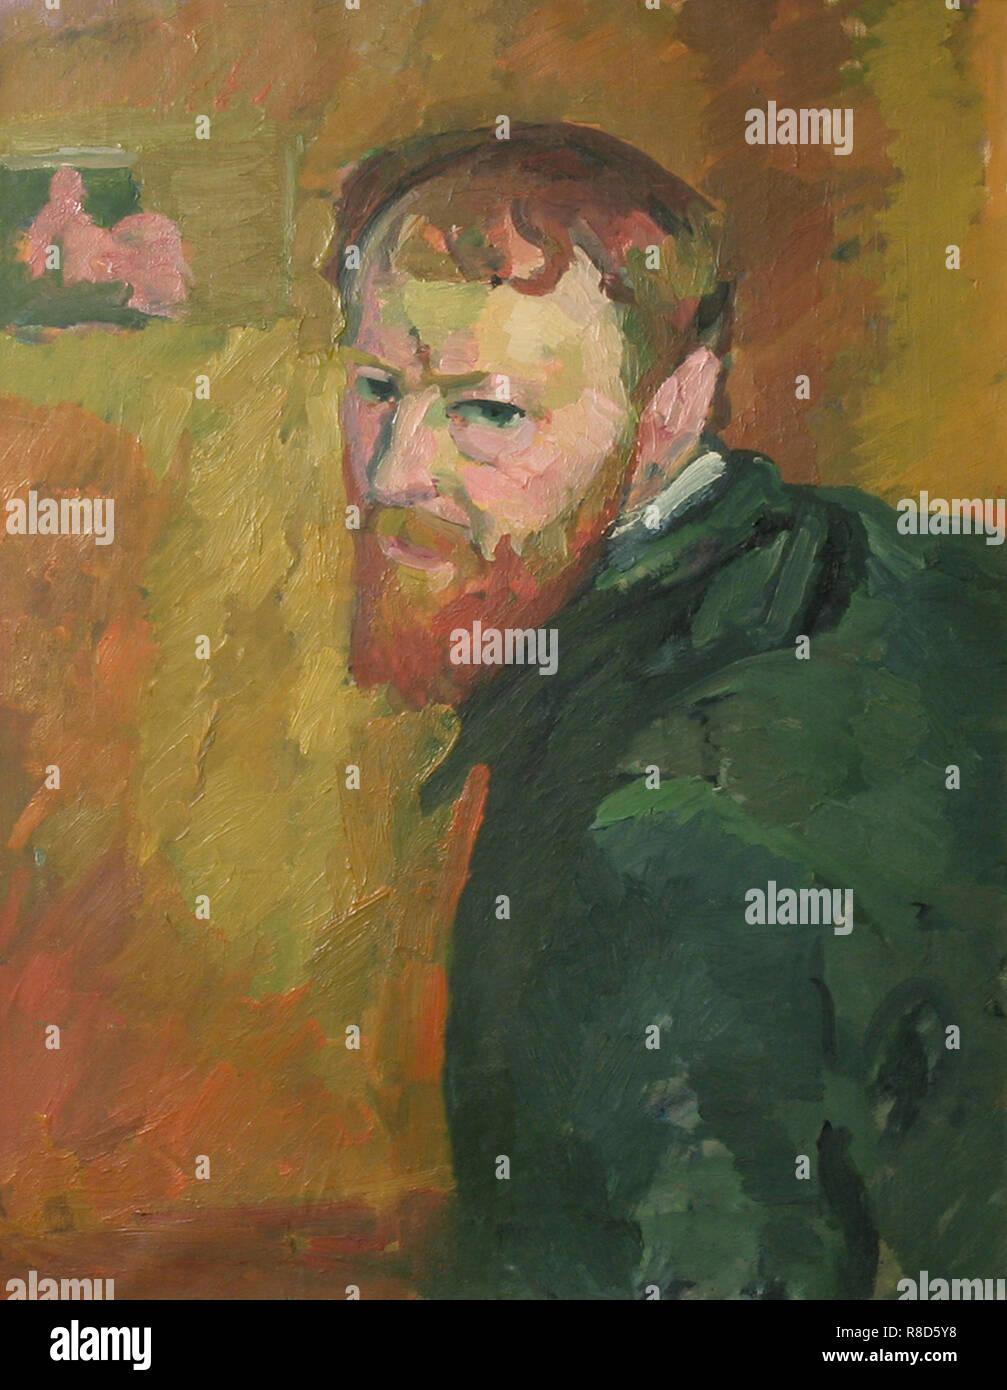 Autoritratto, c1913. Presenti nella collezione del museo Kunsthaus Züricco. Immagini Stock